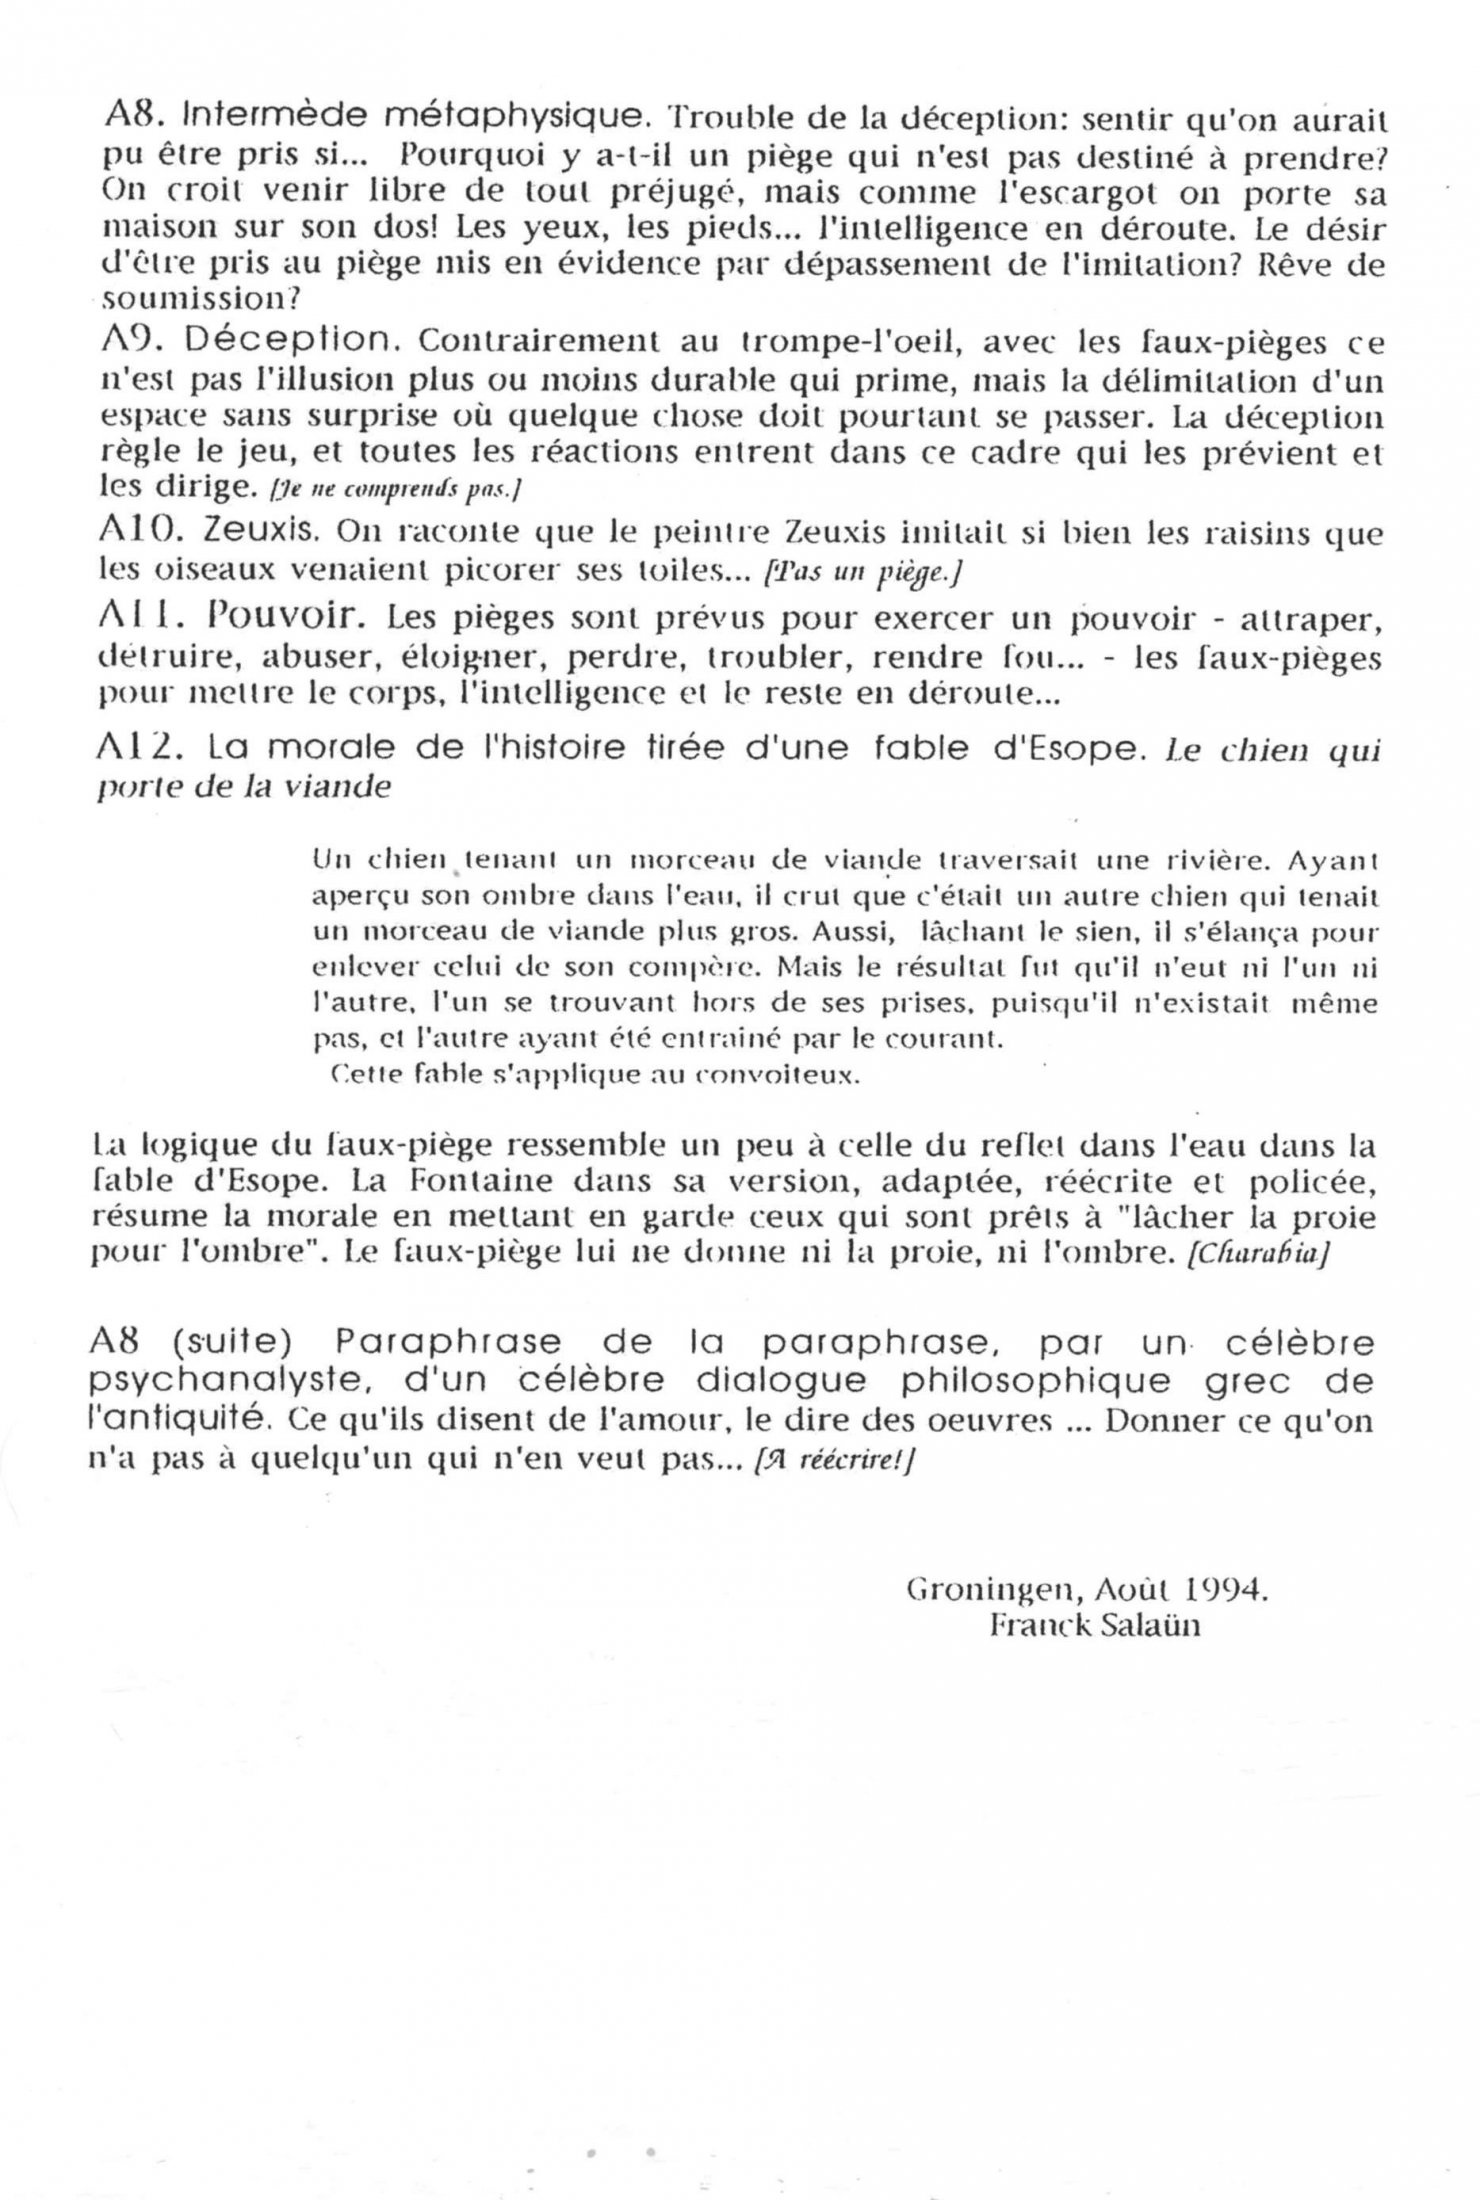 Texte Franck Salaun (Suite)